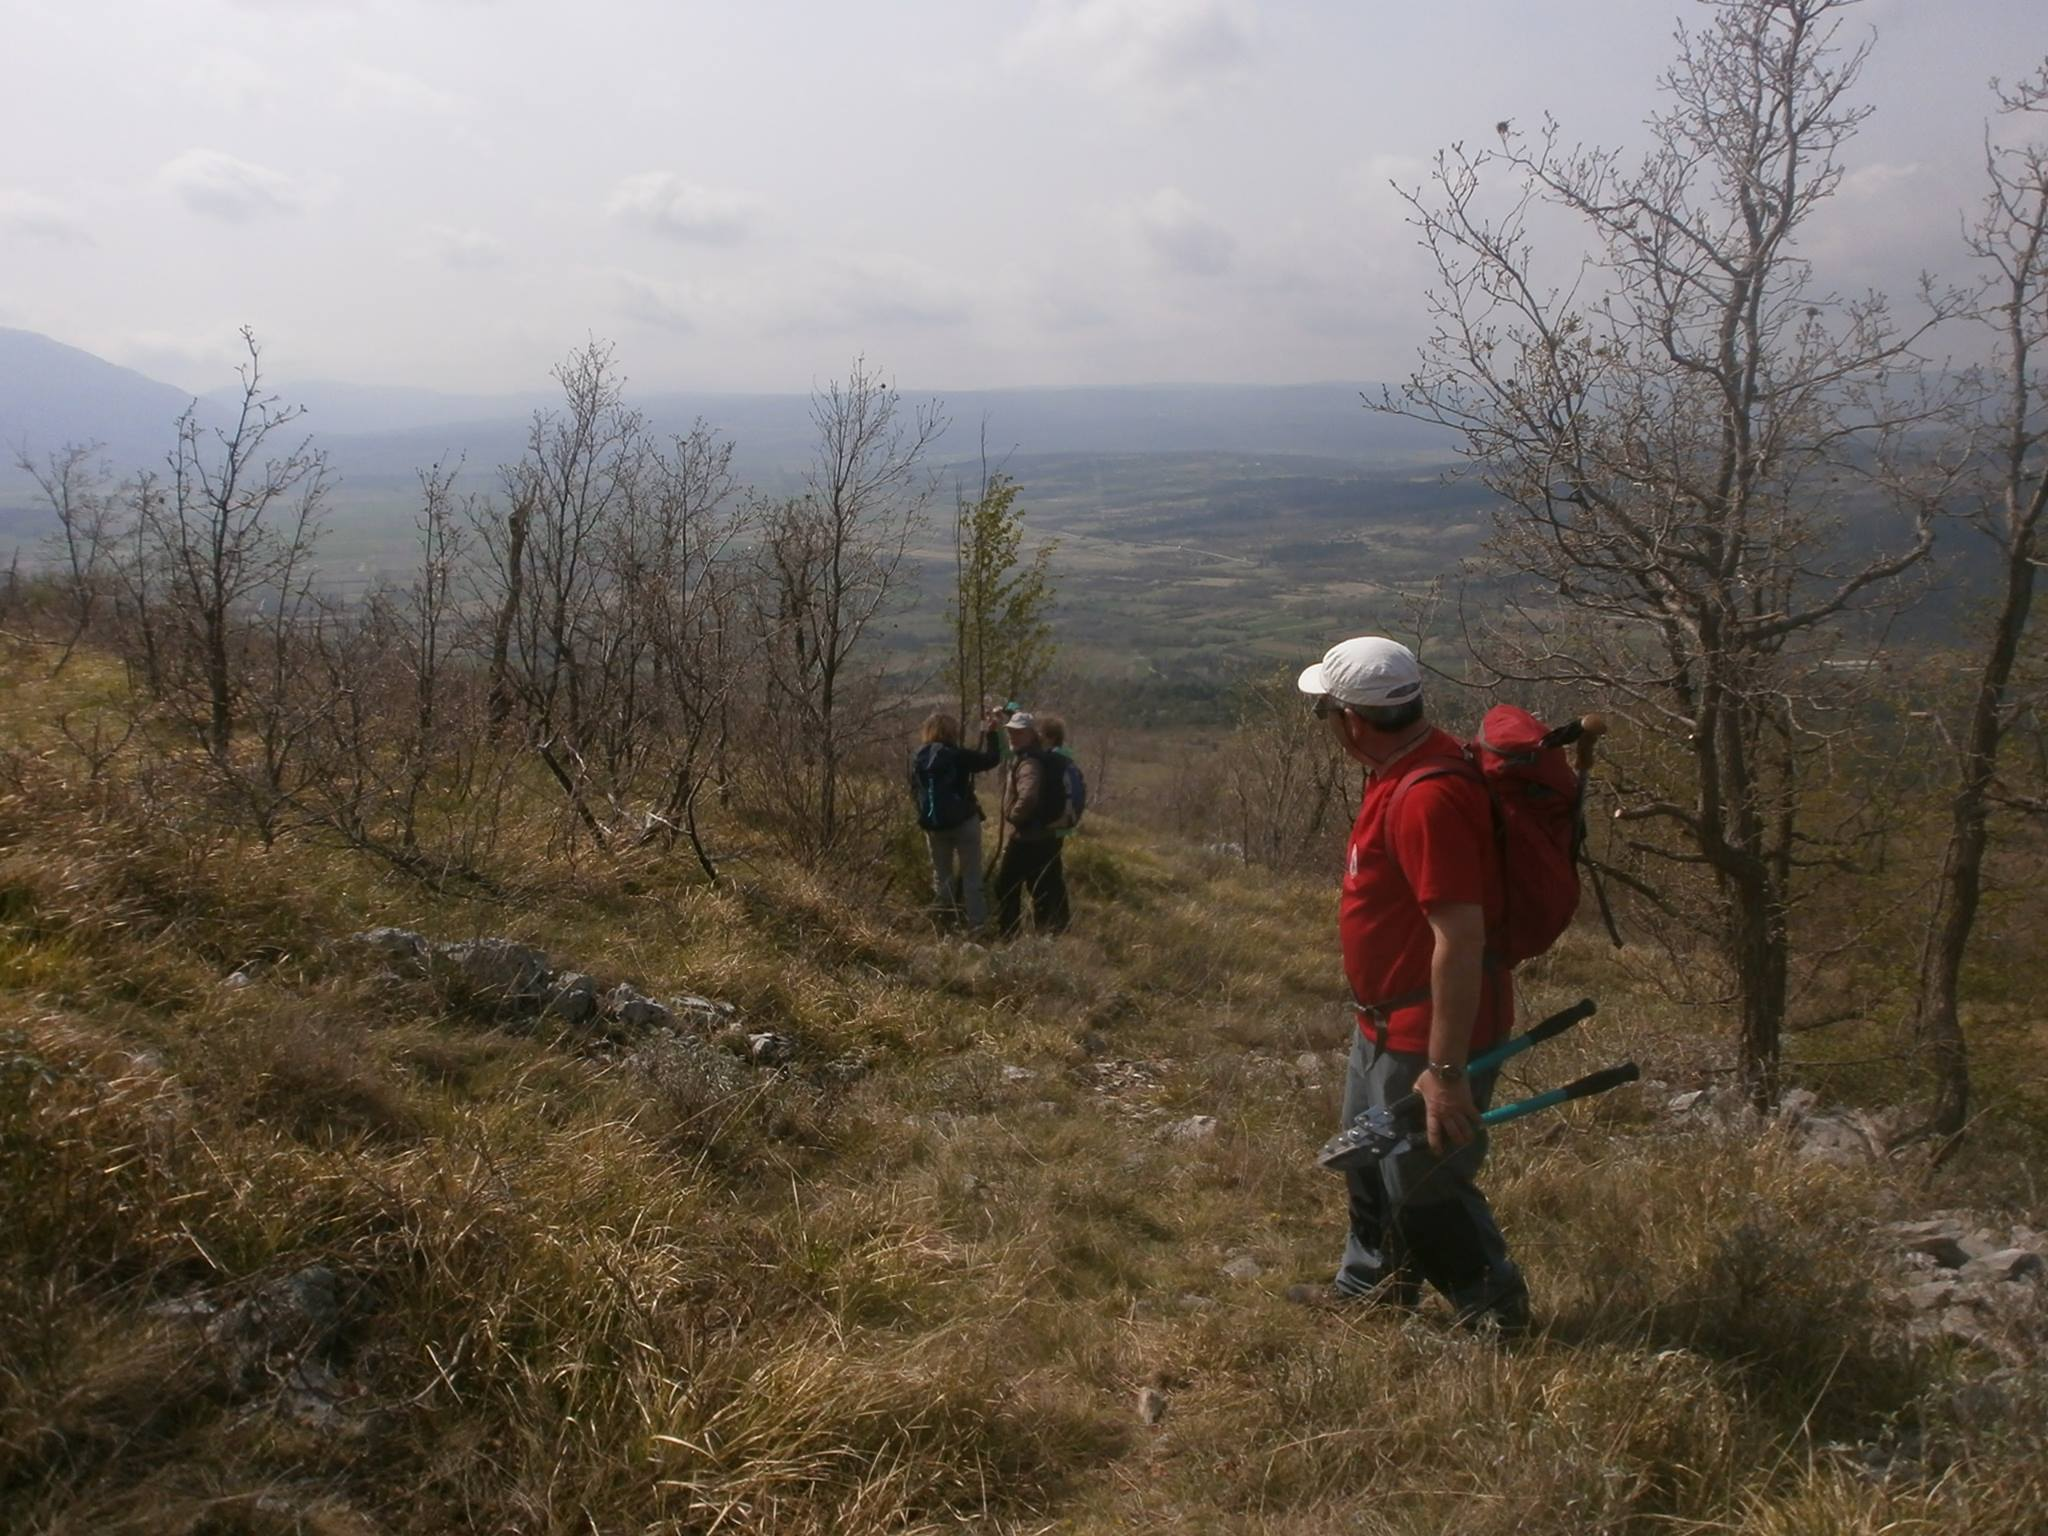 šušnjevica radna akcija markiranja i uređivanja planinarskih staza